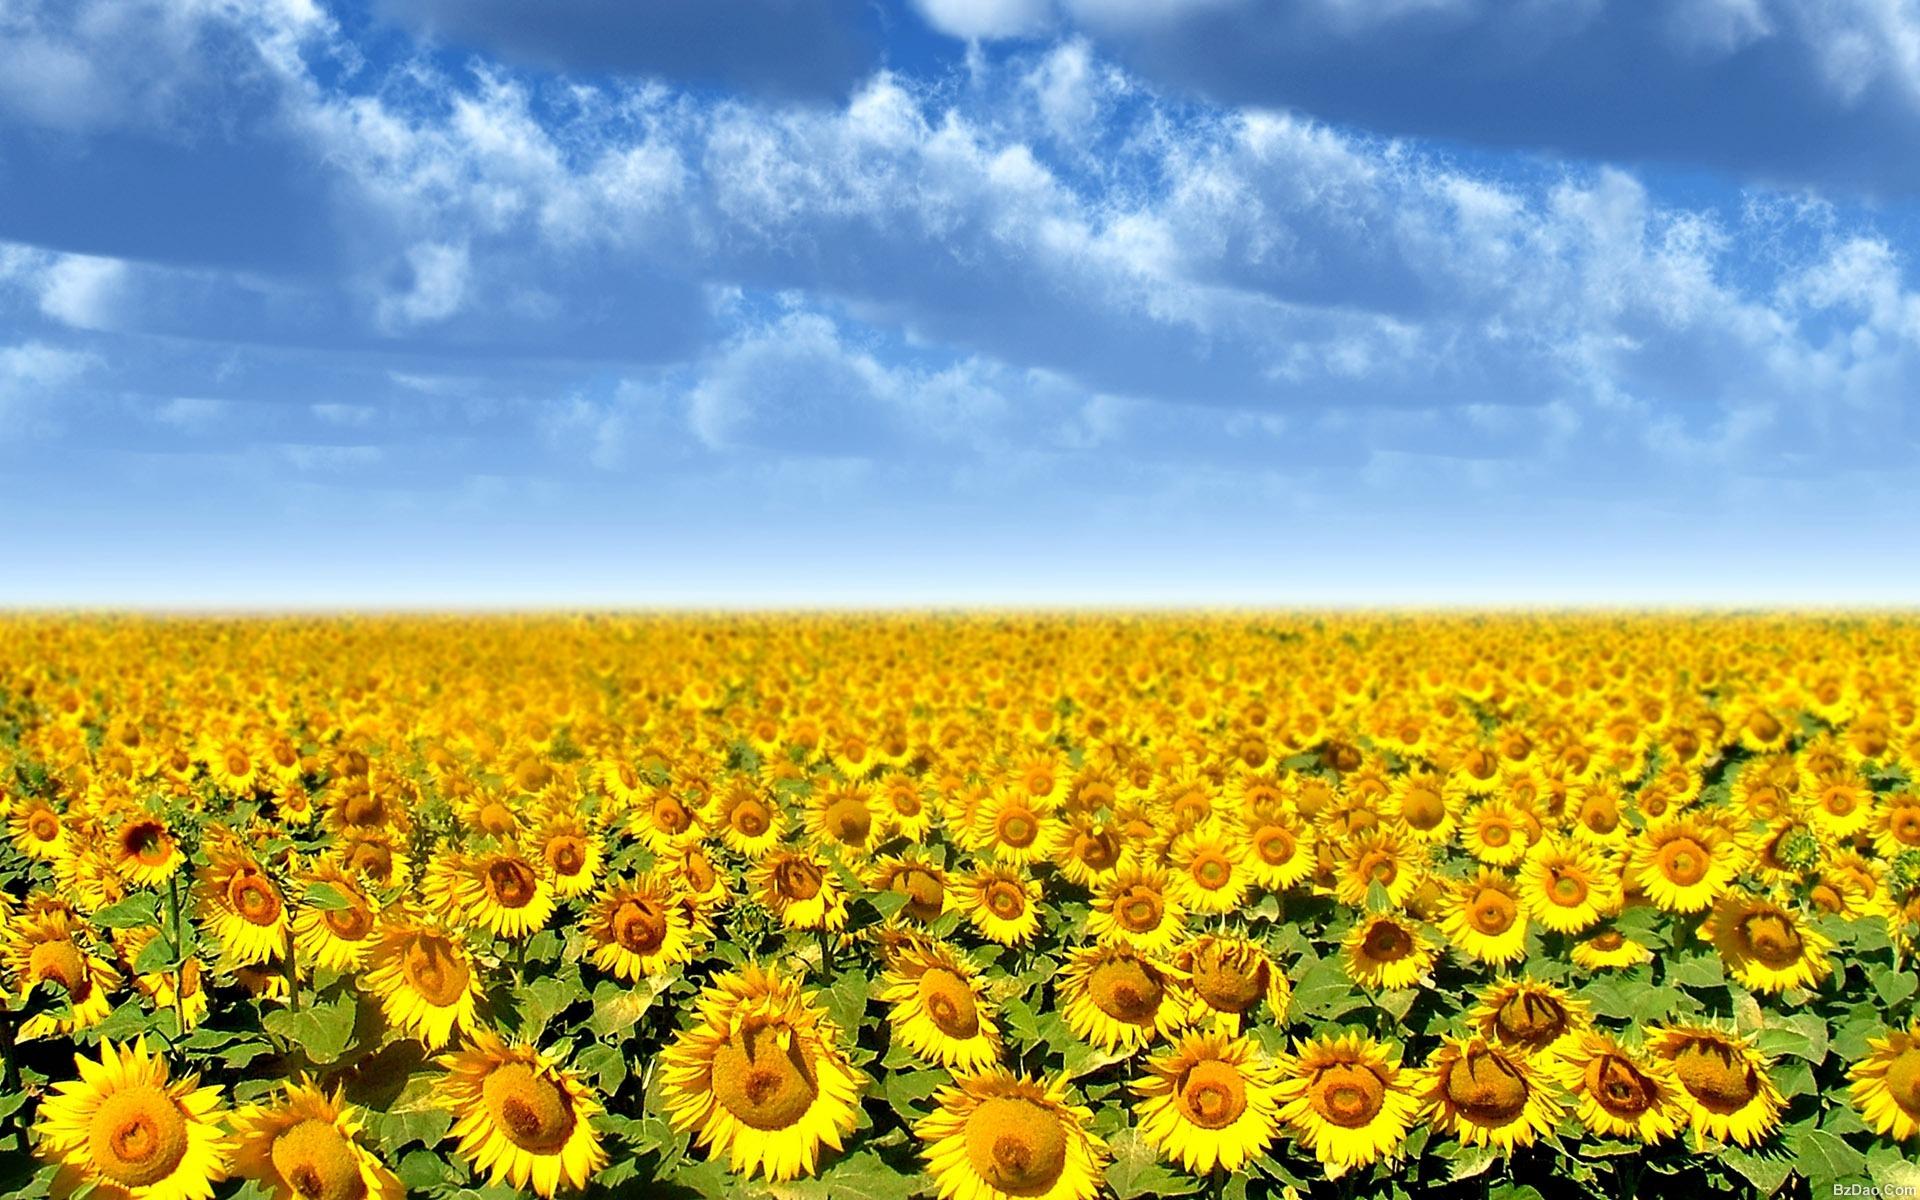 [图赏]高清大屏风景壁纸 向日葵花摄影(3/17)